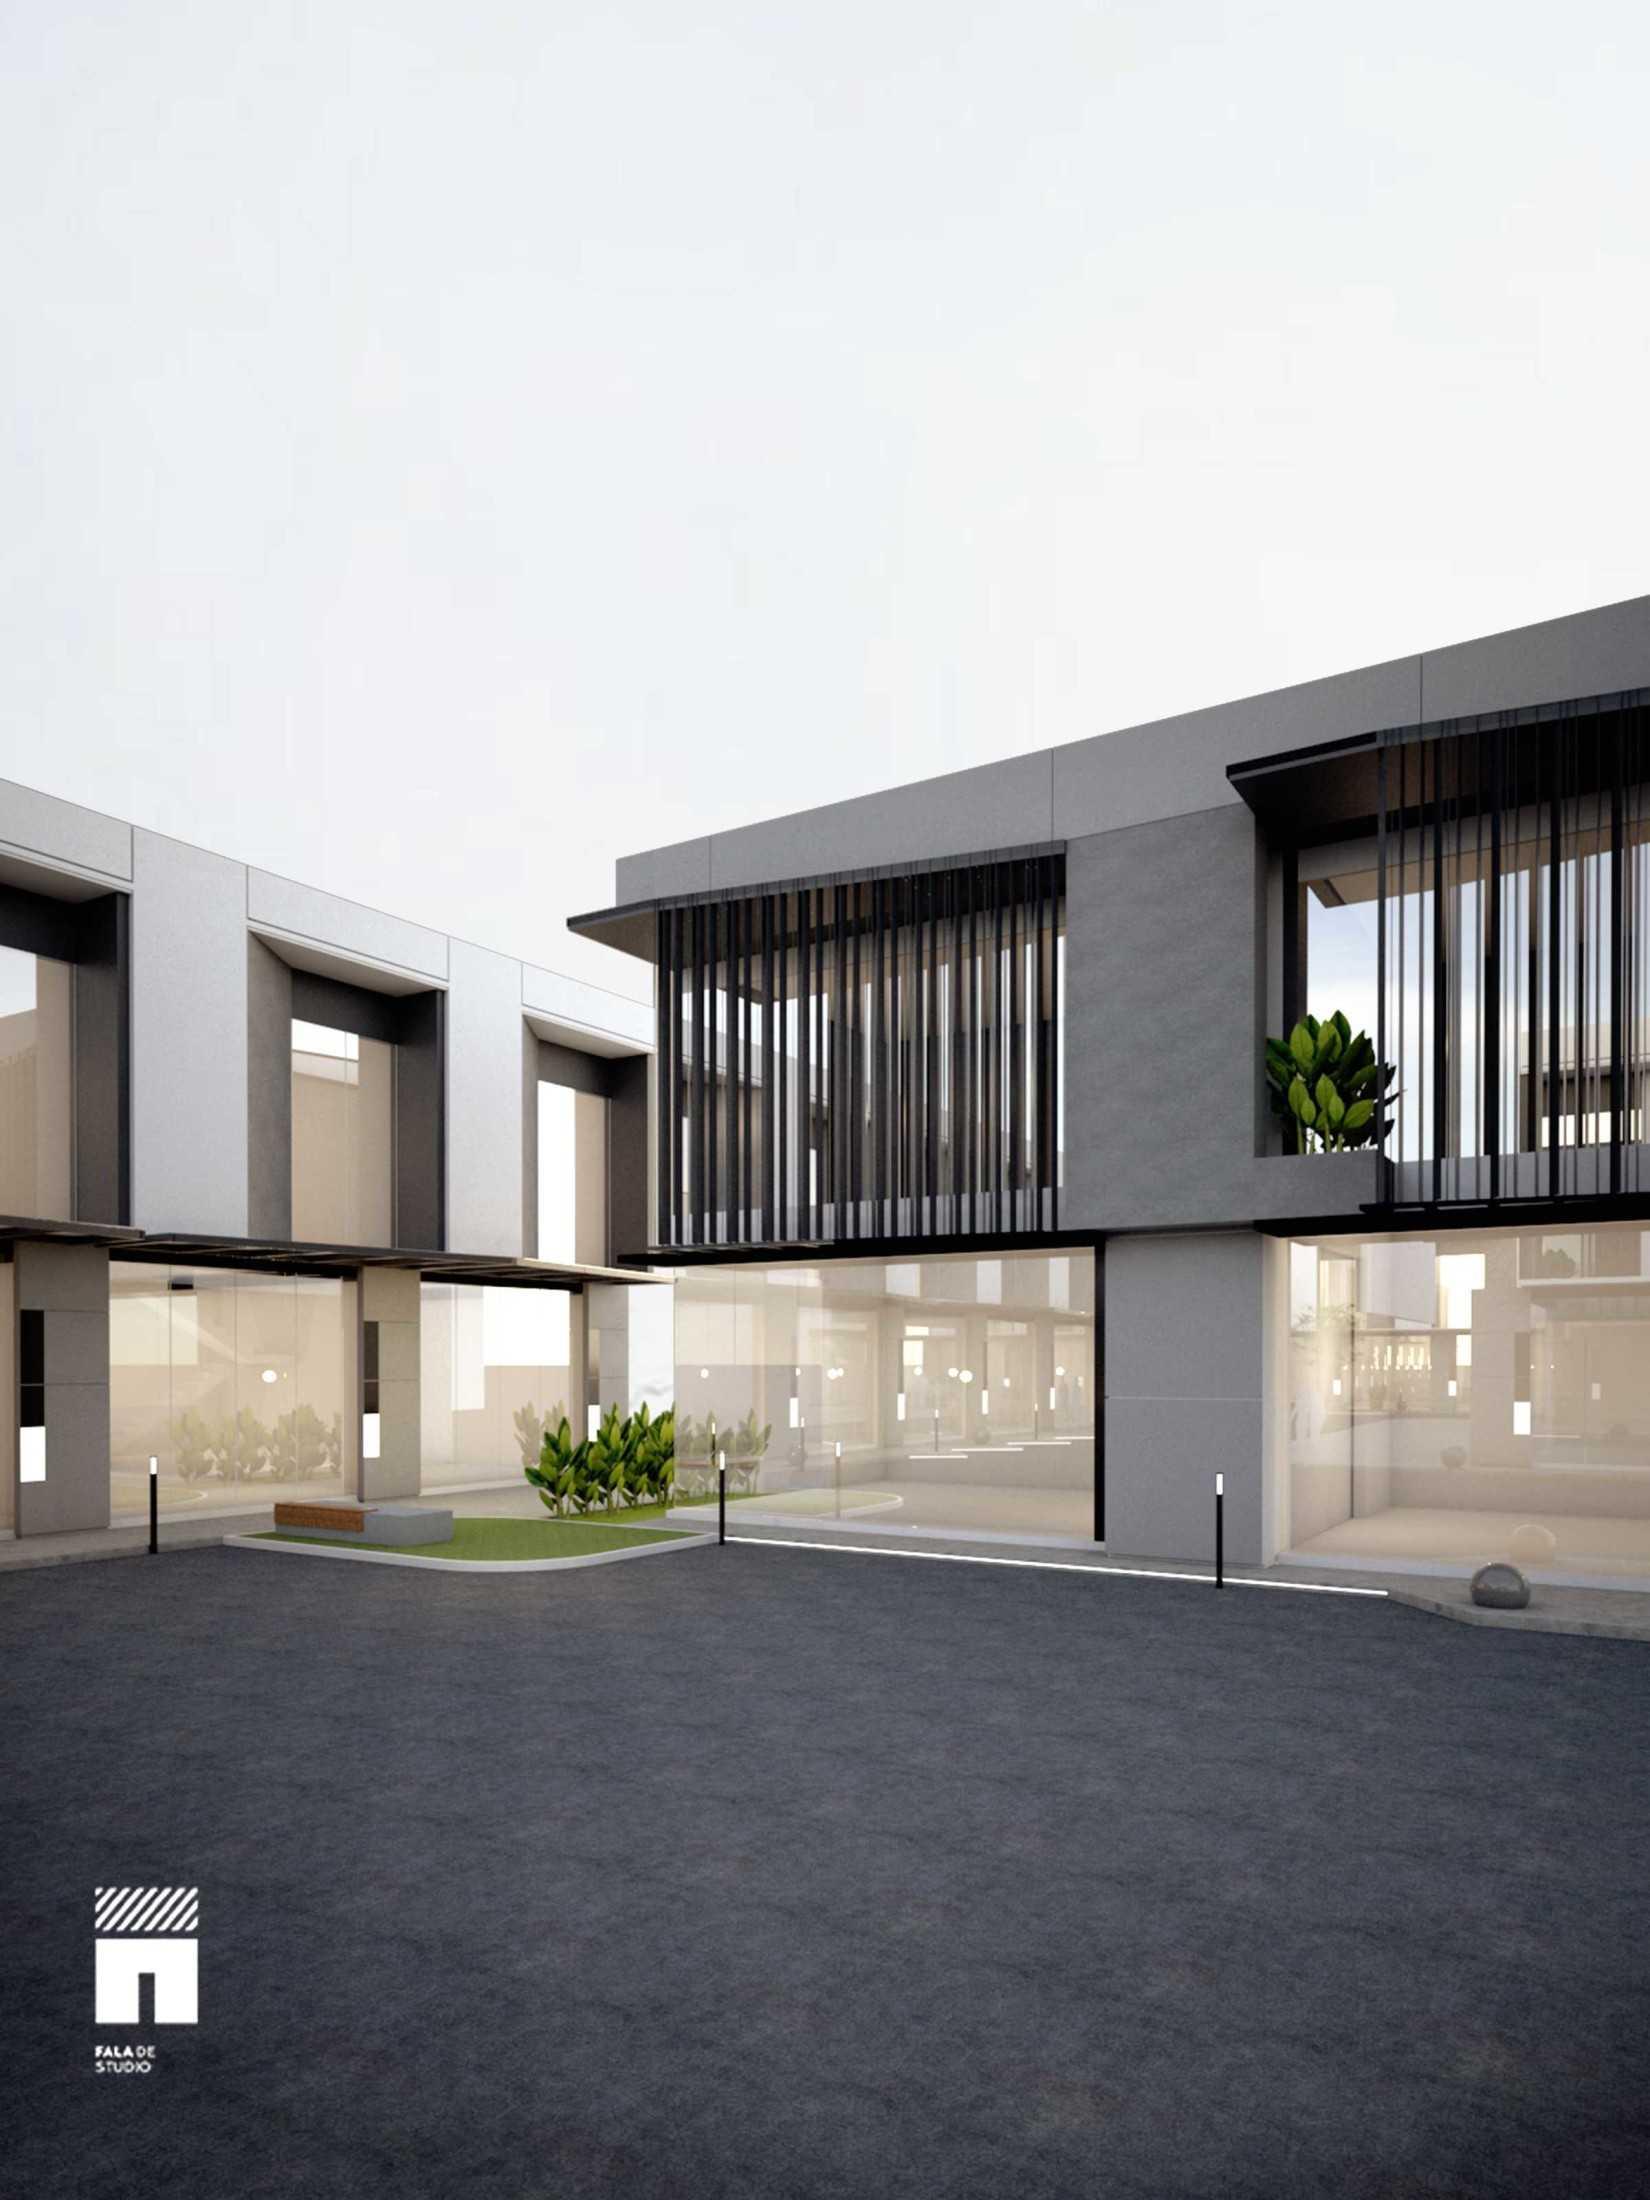 Jasa Arsitek Fala Desain Studio di Magelang